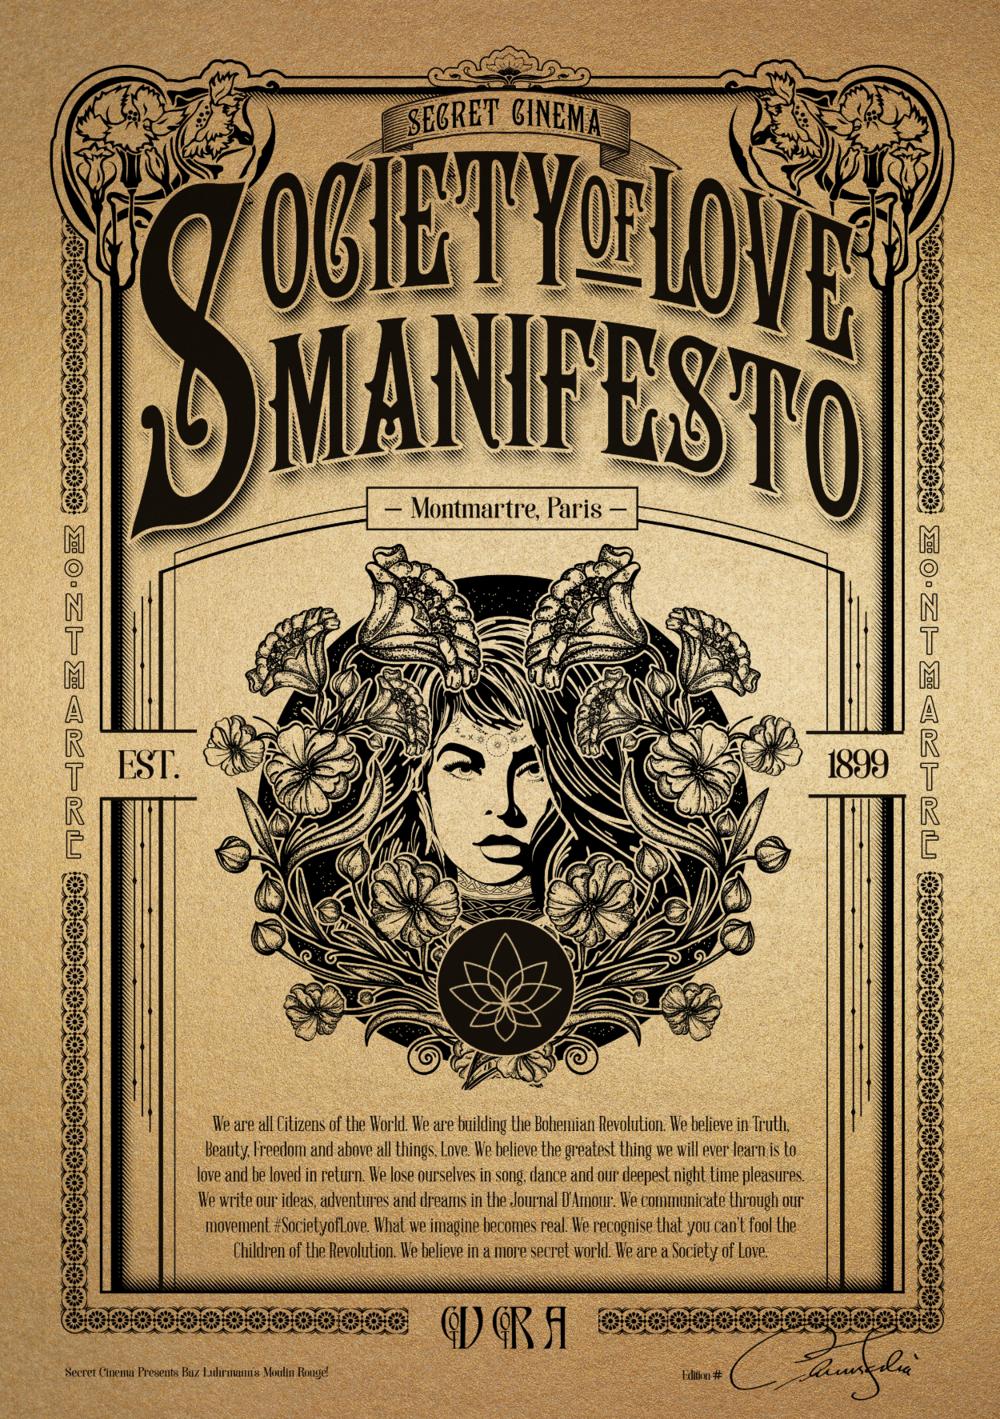 Society of Love